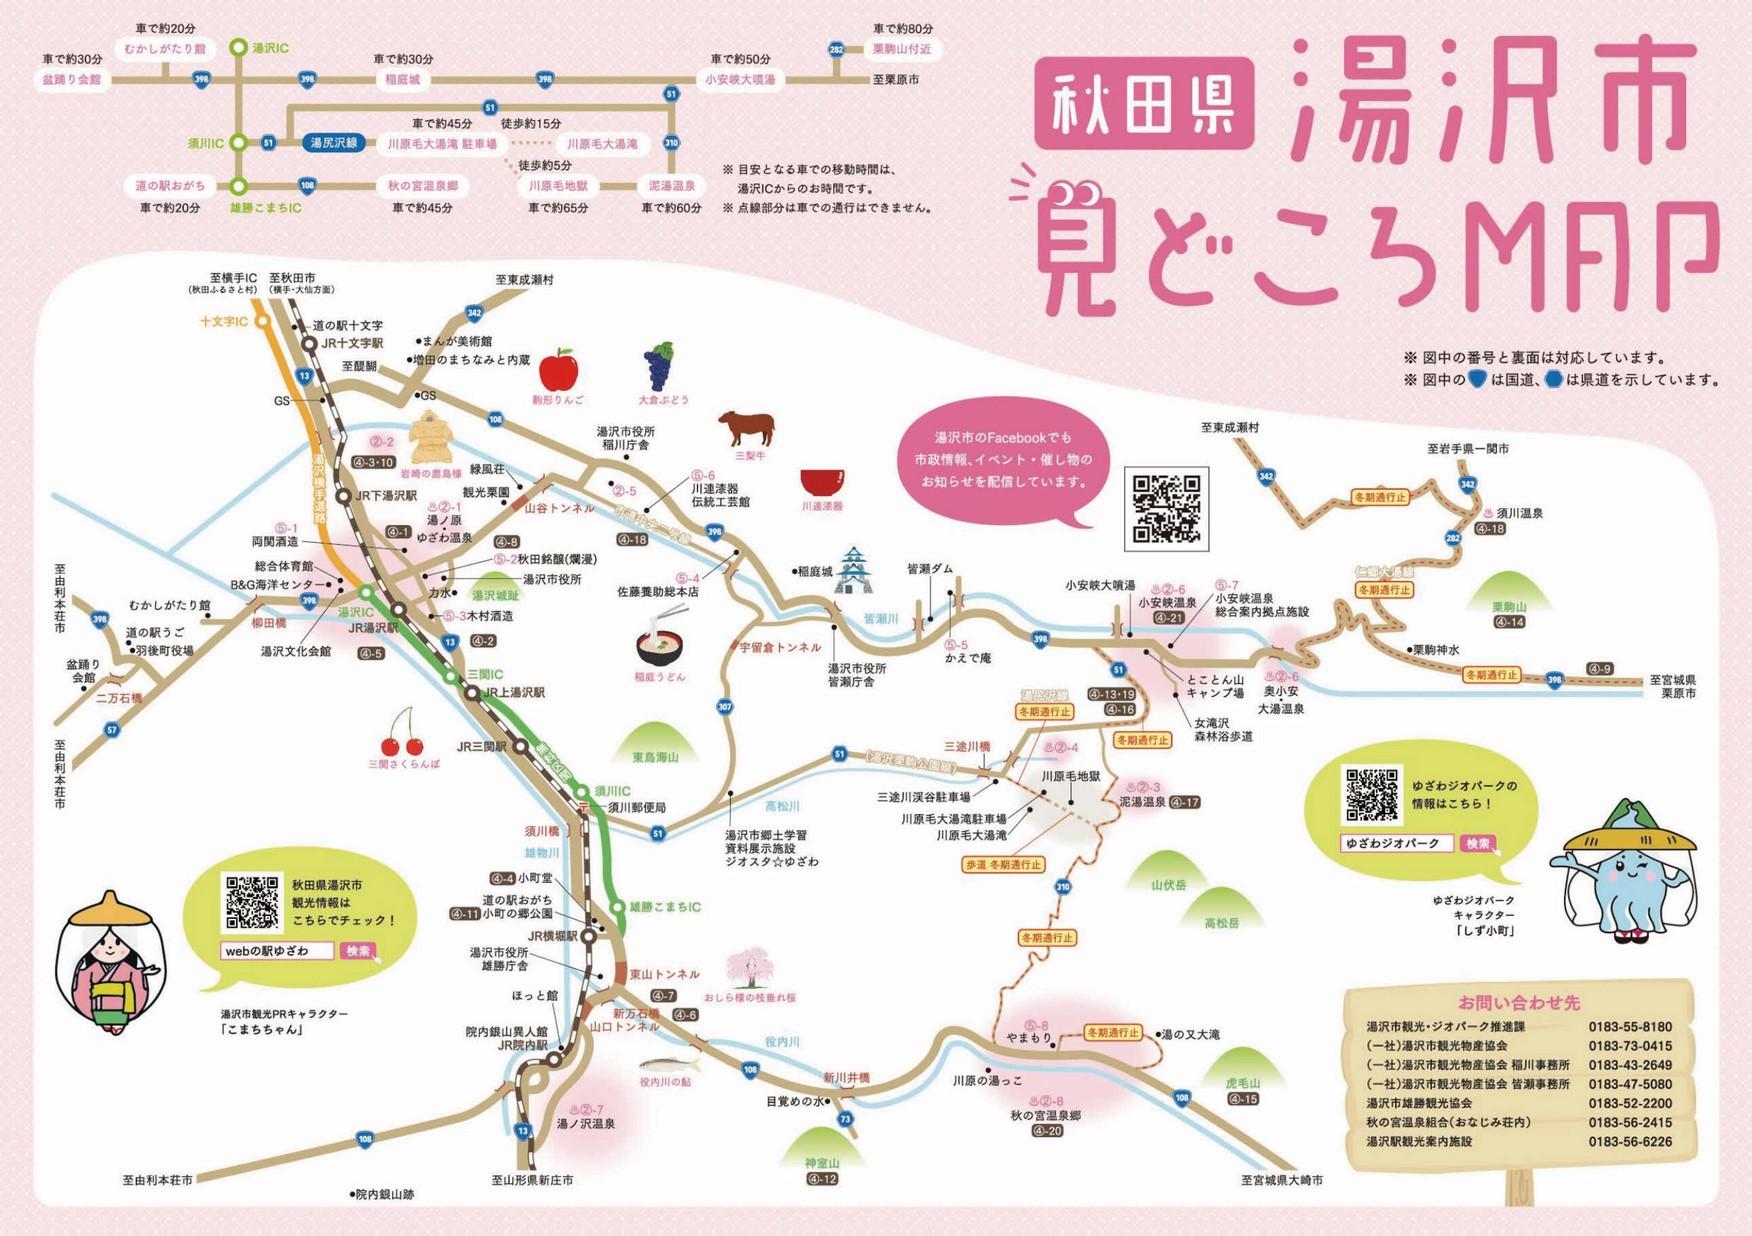 湯沢市「見どころマップ」2021